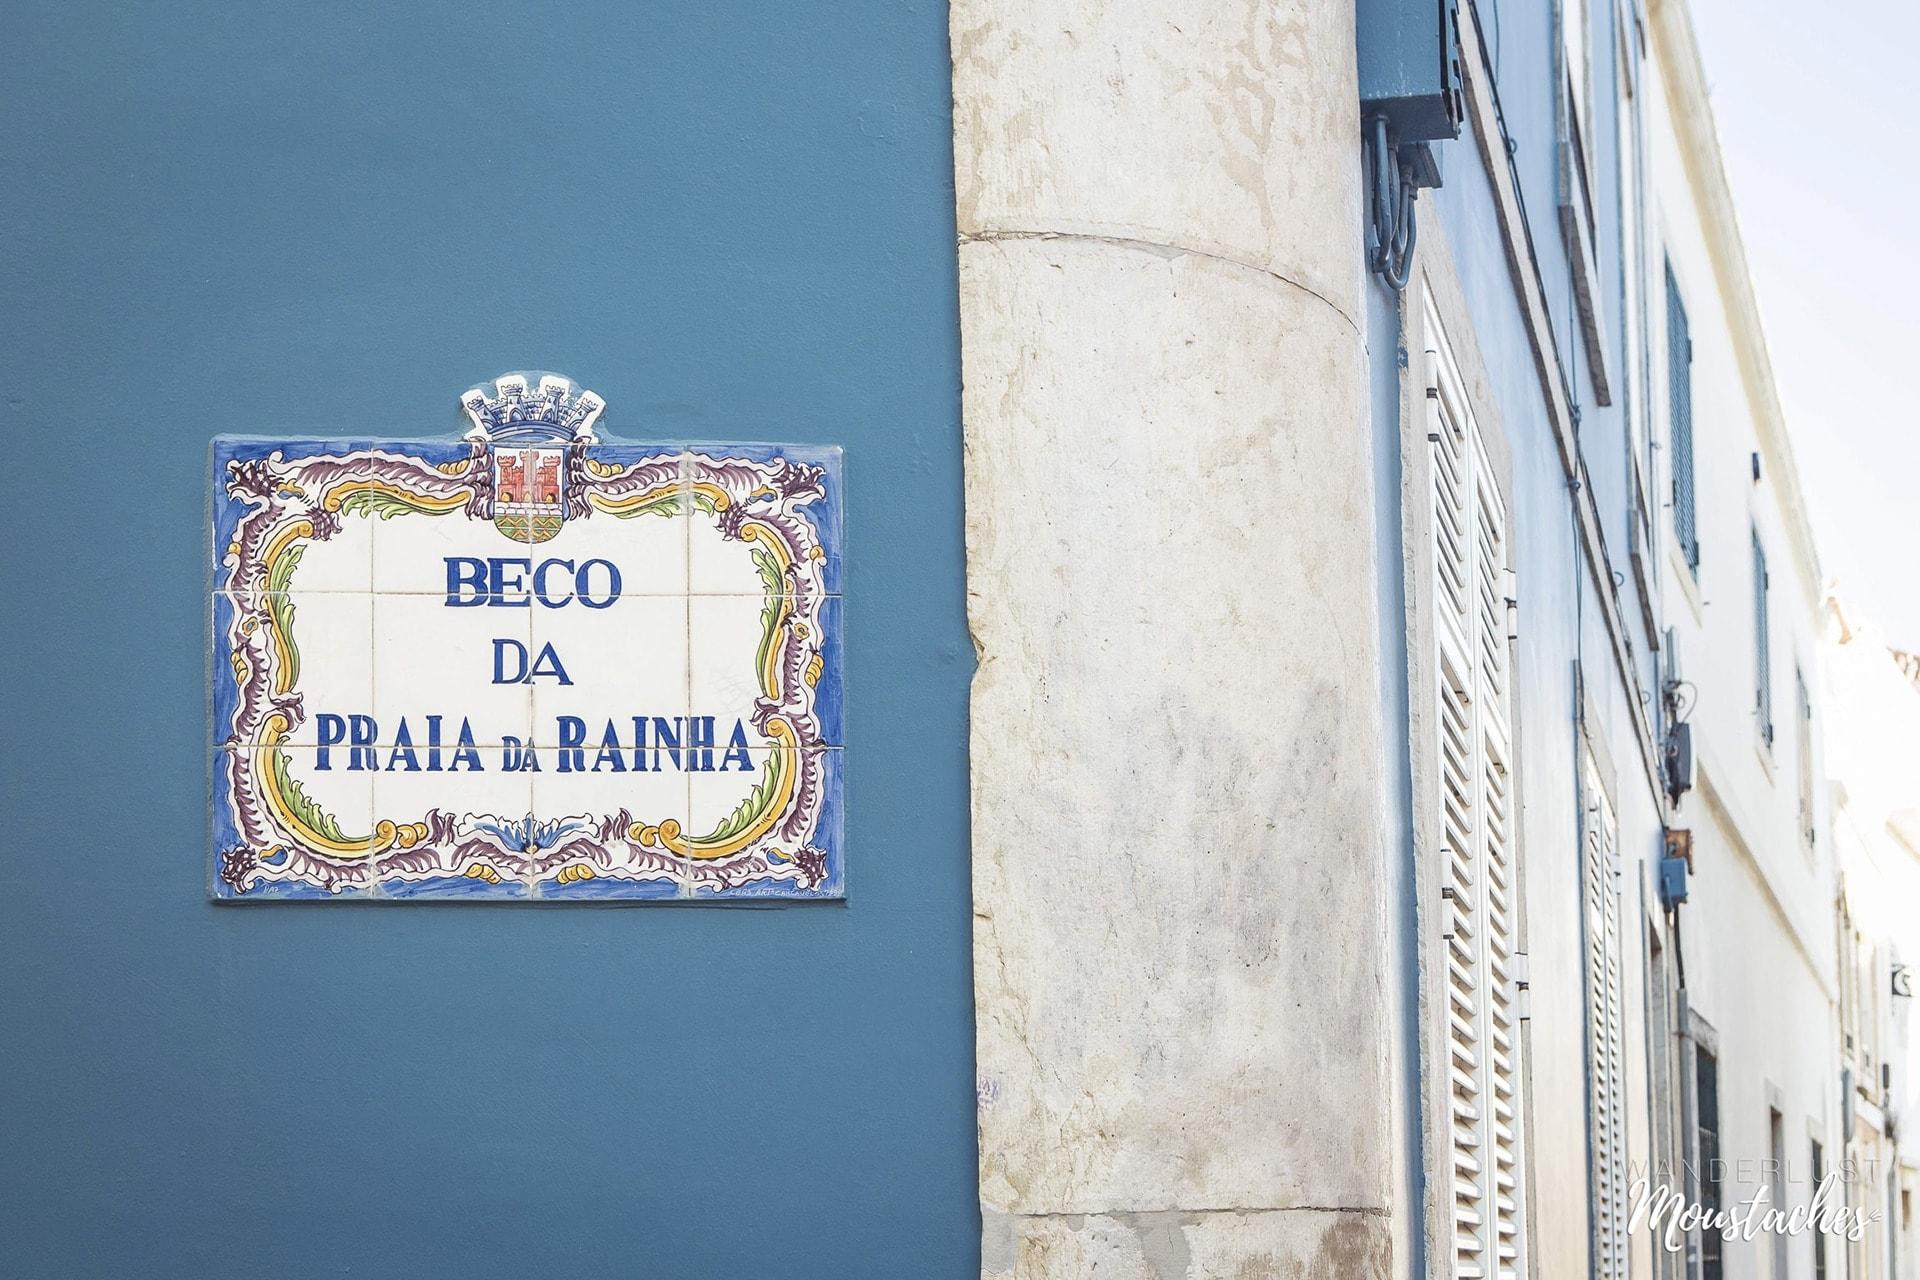 Un joli mur bleu canard dans une ruelle de Cascais au Portugal